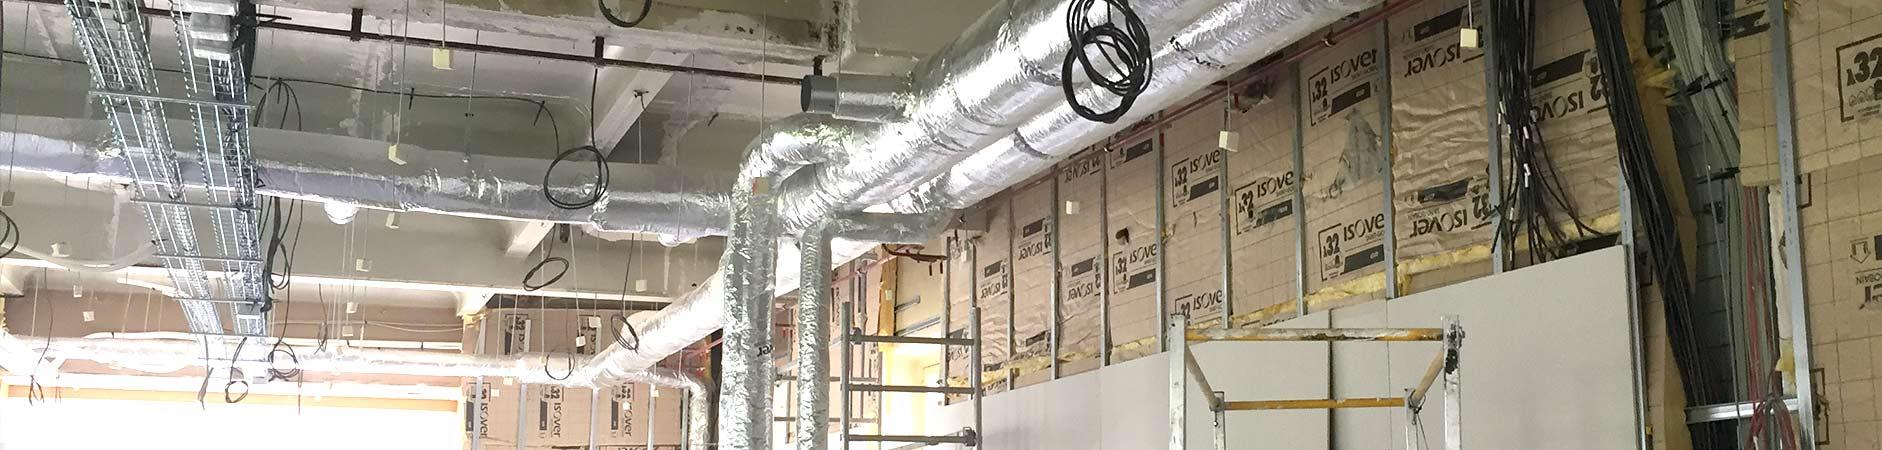 Ventilation Service PVCF